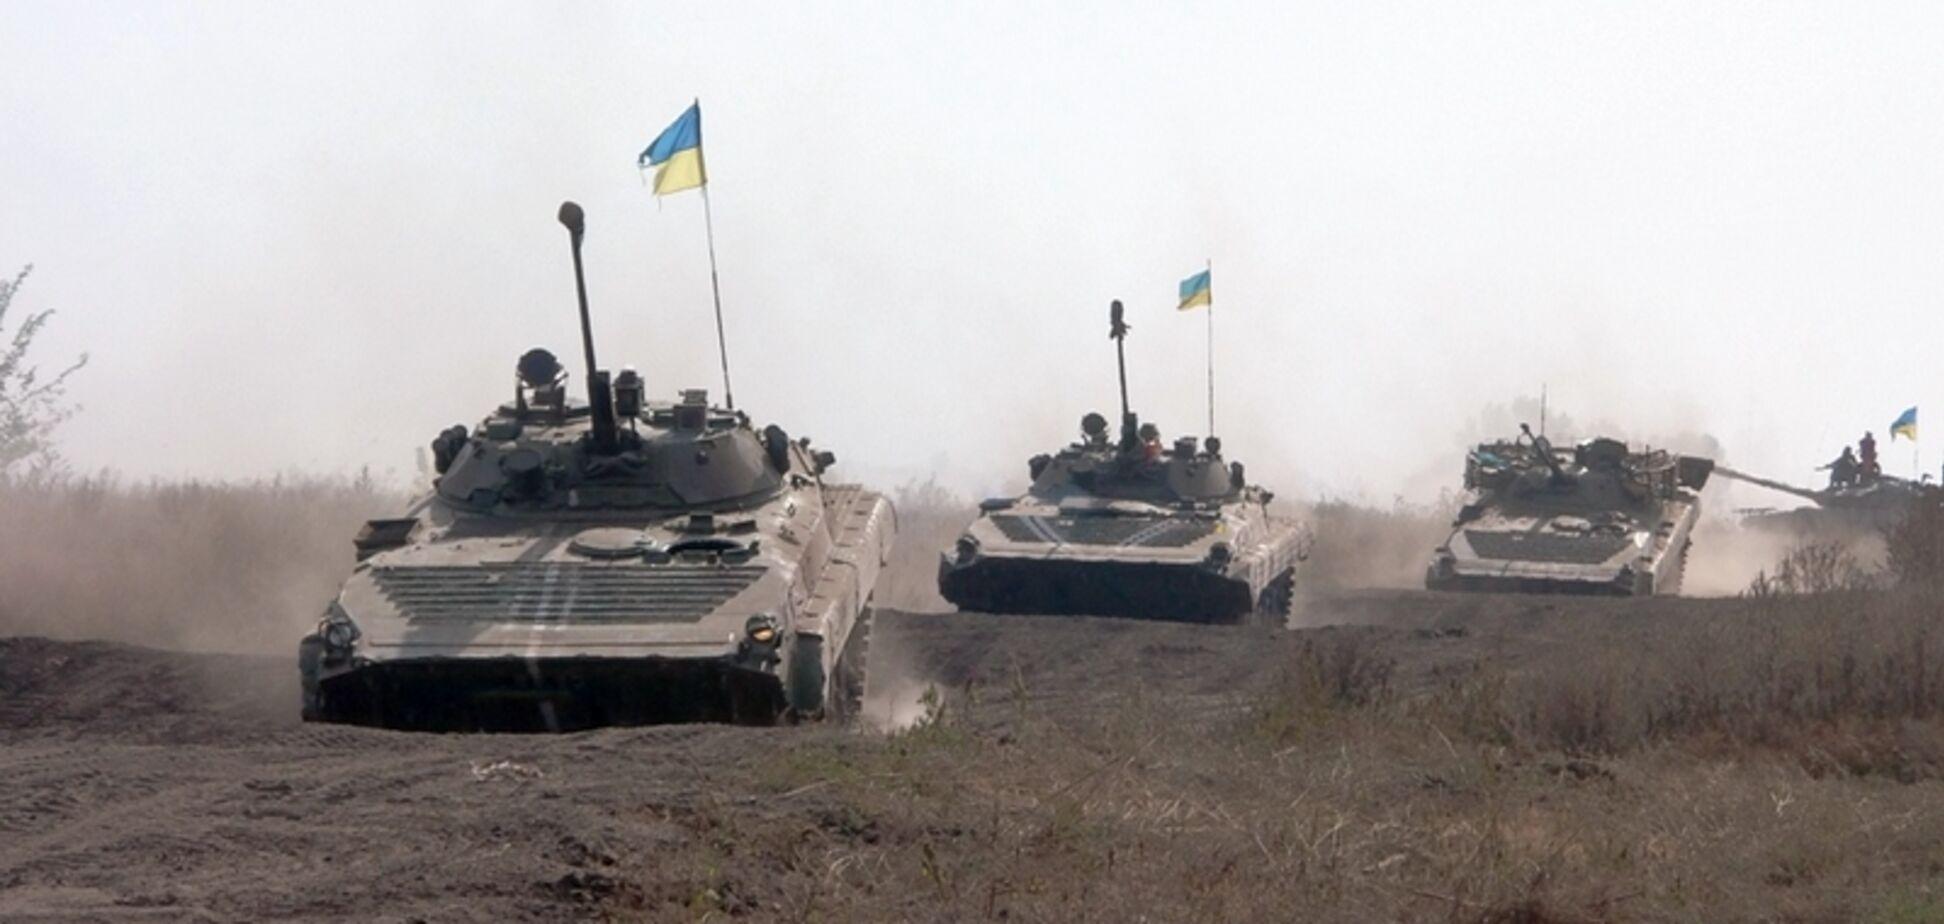 'За це б'ють по зубах': в Україні виступили за військове вирішення конфлікту із членом НАТО